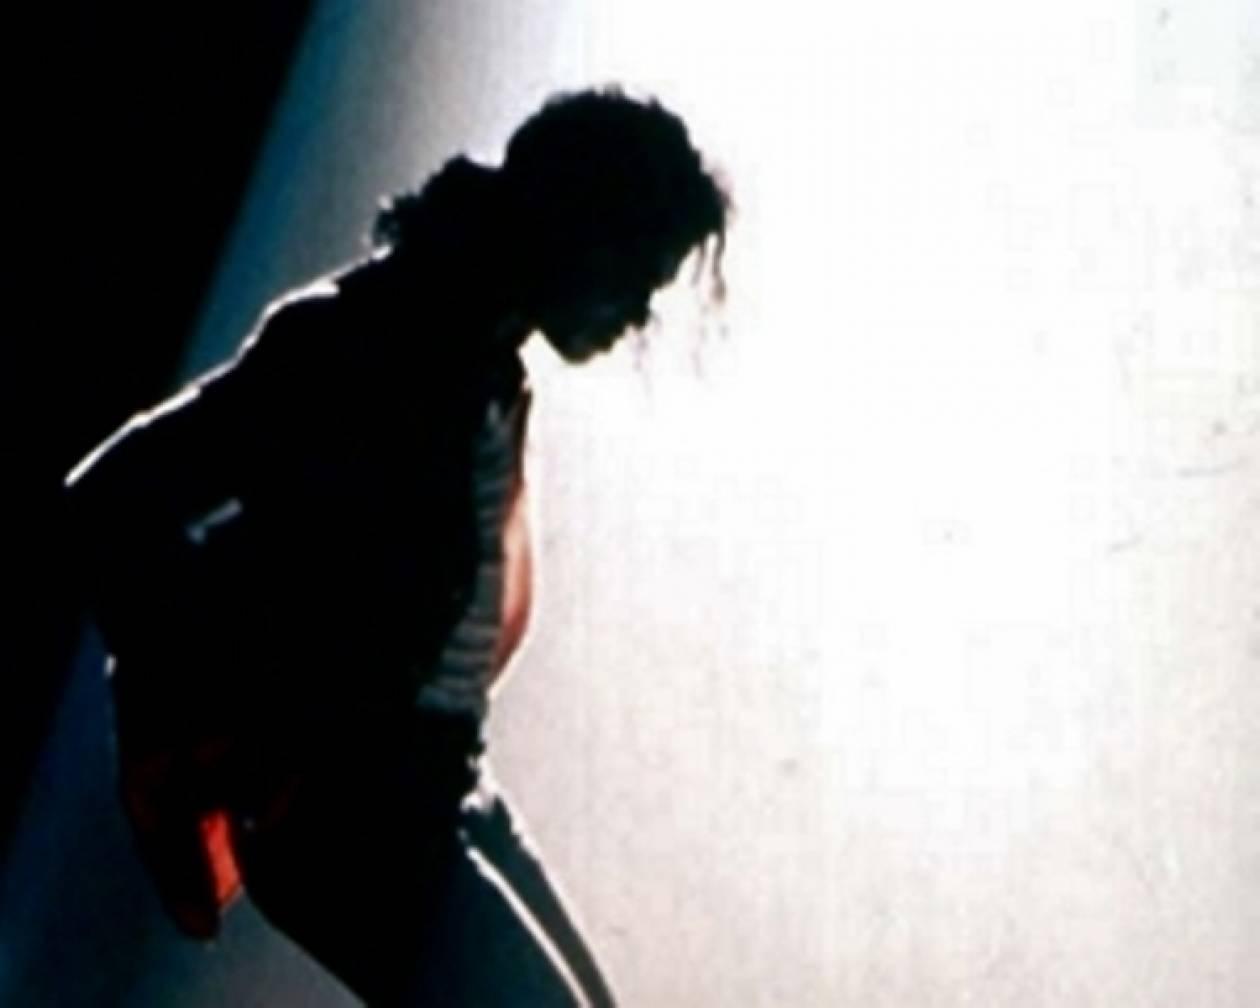 Στα σκαριά βιογραφική ταινία για τον Michael Jackson